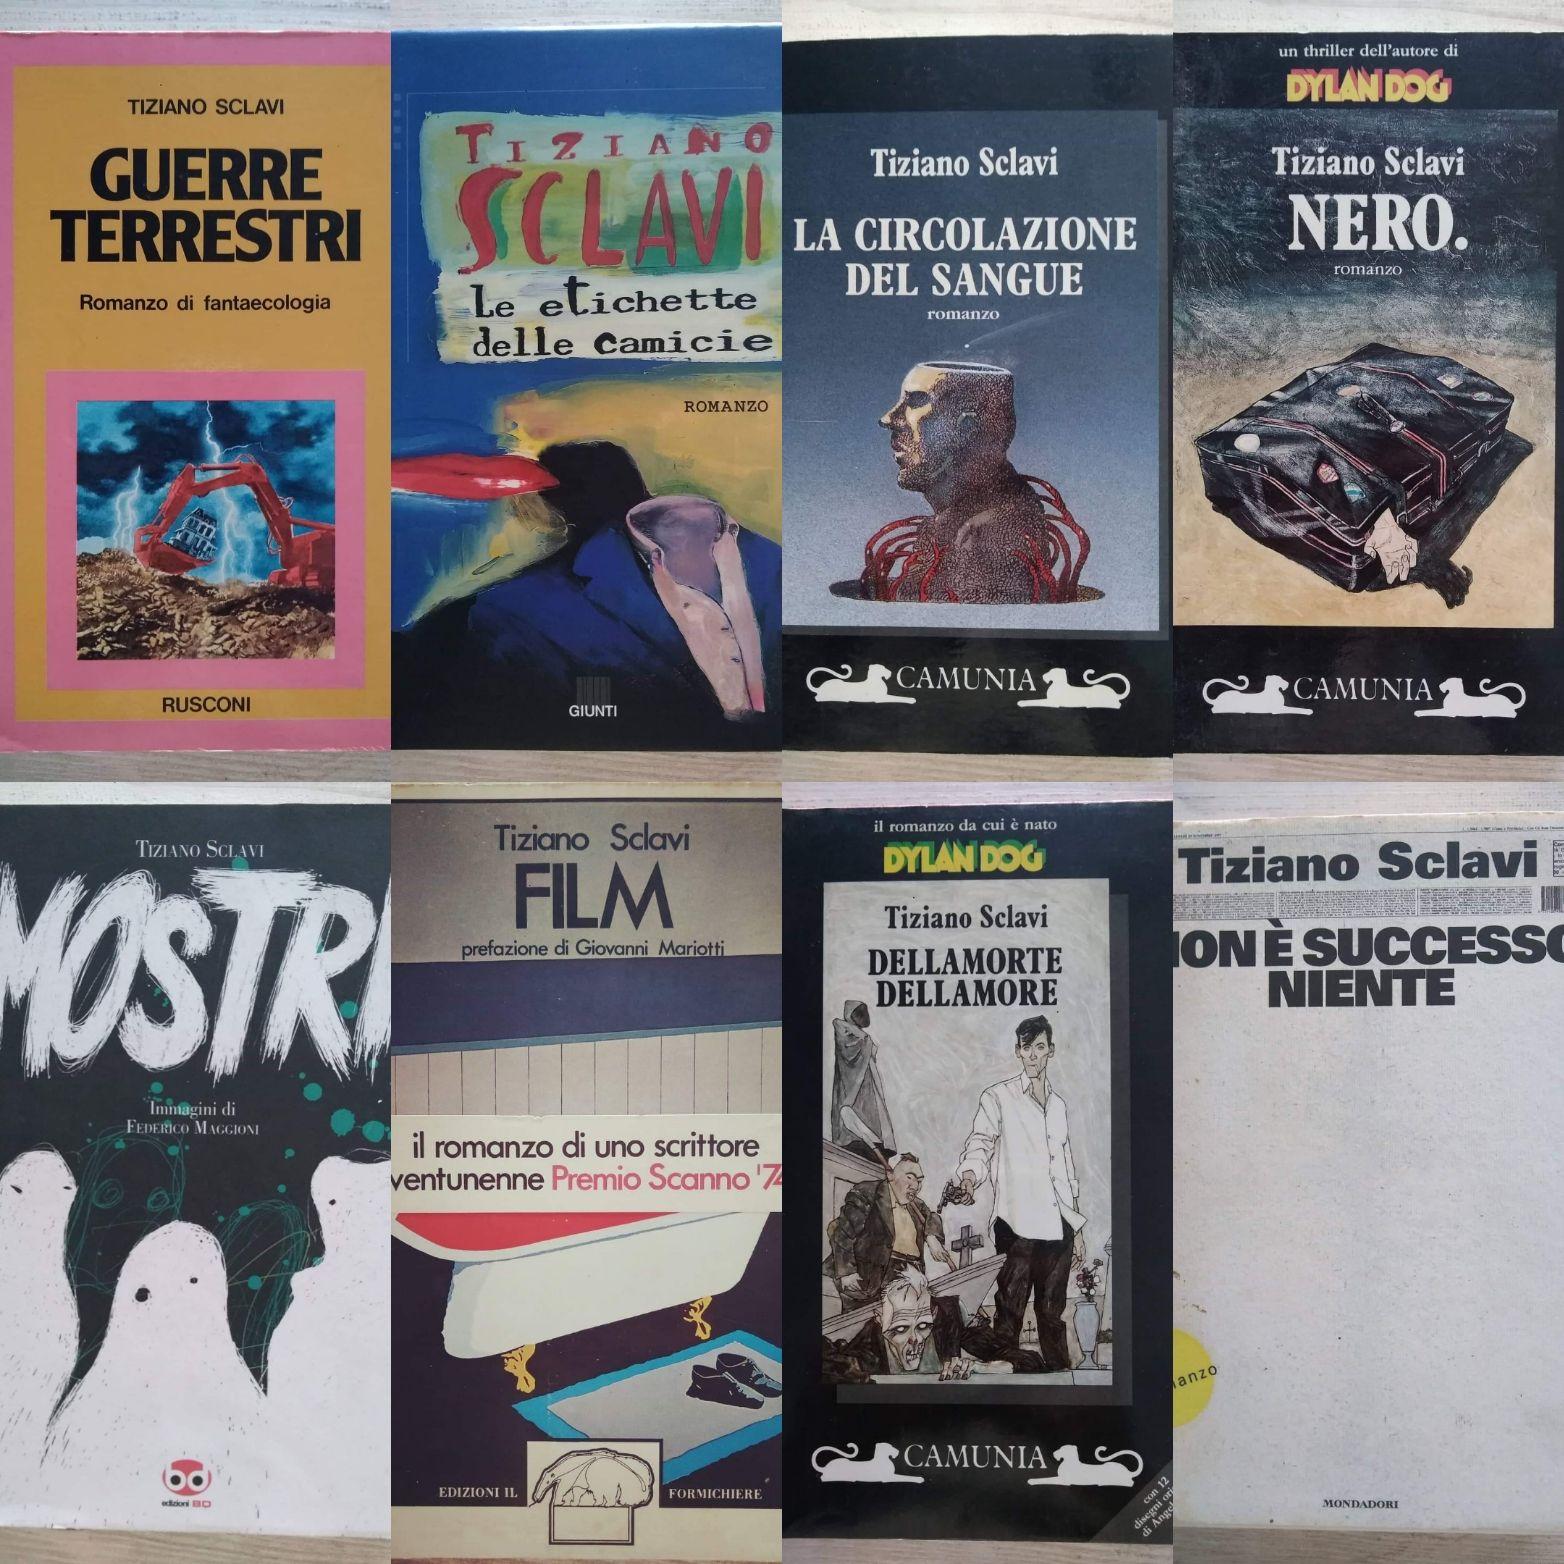 Tiziano Sclavi: trovare a poco prezzo i suoi primi libri è un'impresa!